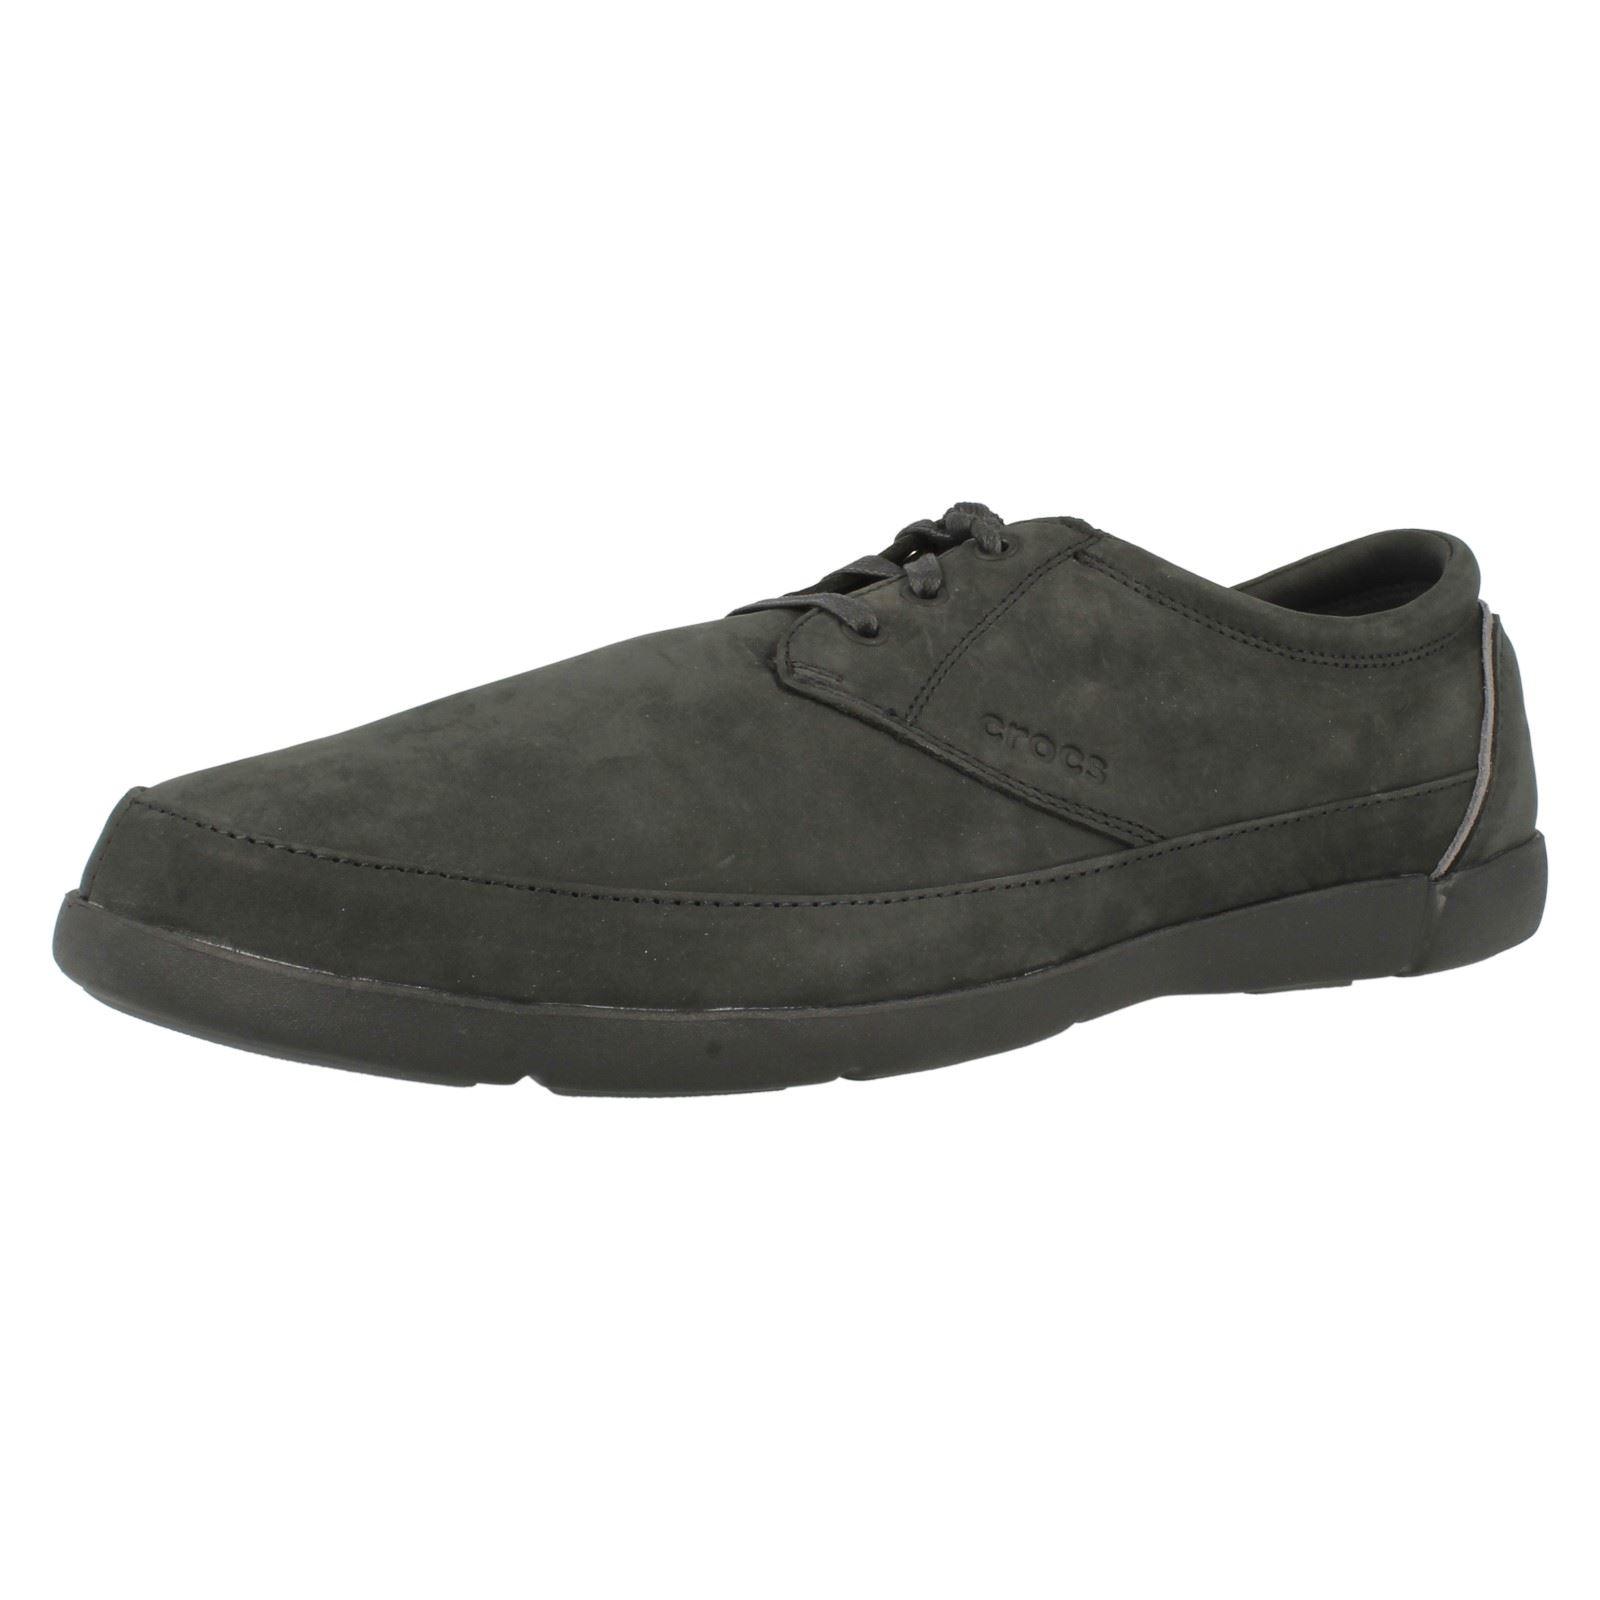 Mens Crocs Shoes Ellicott